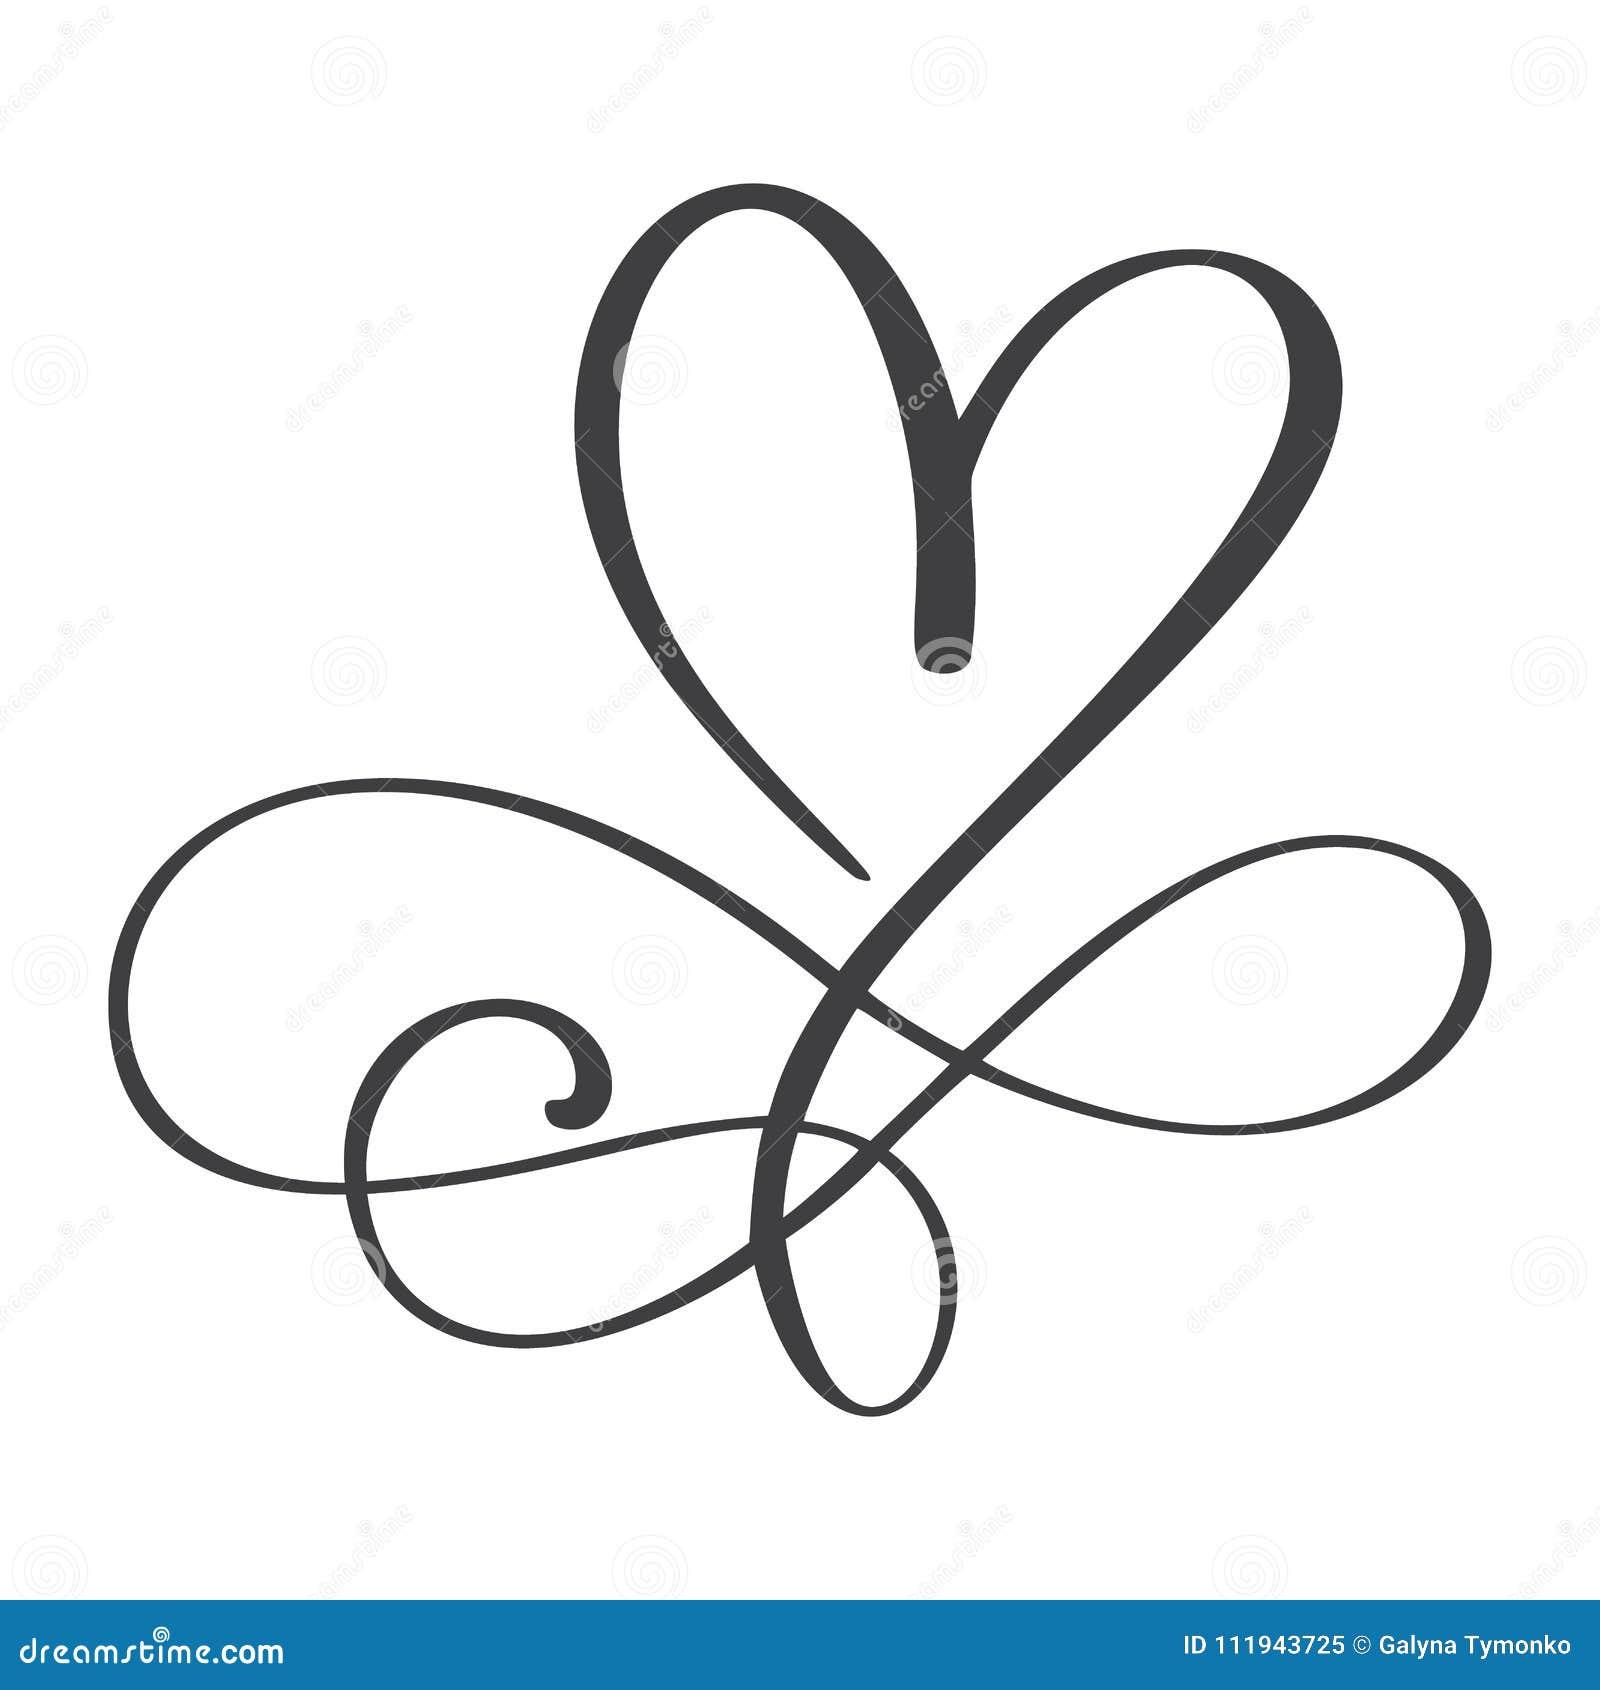 Σημάδι αγάπης καρδιών για πάντα Το ρομαντικό σύμβολο απείρου που συνδέεται, ενώνει, πάθος και γάμος Πρότυπο για την μπλούζα, κάρτ